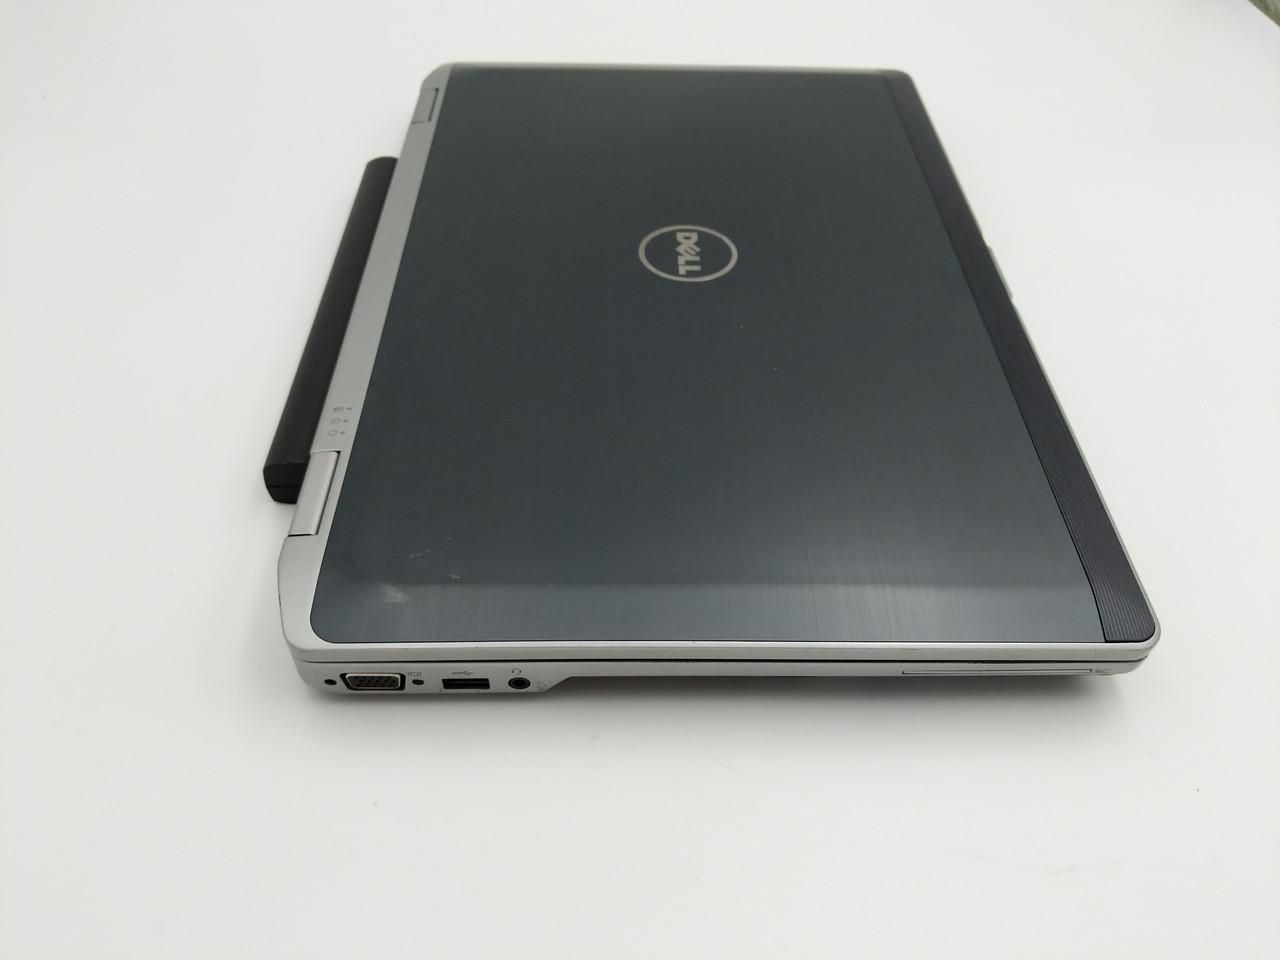 Б/У Dell Latitude E6530 15.6″ HD+  i5-3320M /DDR3 8 Gb /SSD  240Нет в наличии 7